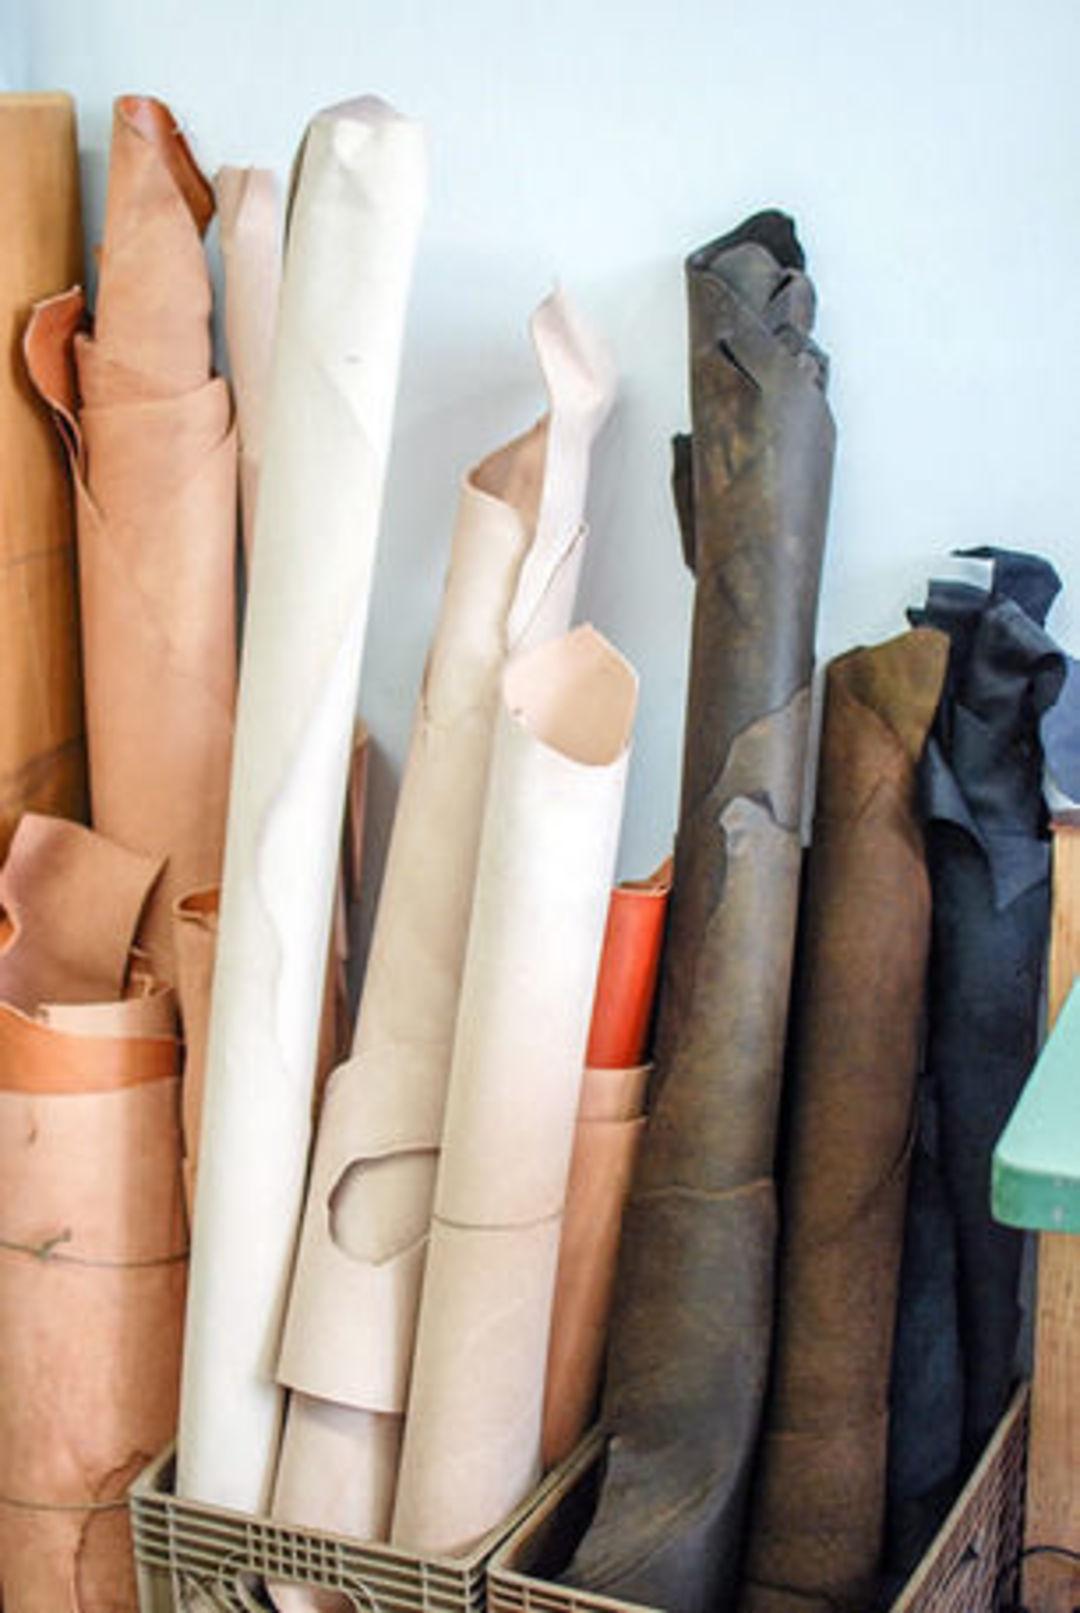 纽约basäder皮具店,如何同时做到手工和平价_时尚_好奇心日报